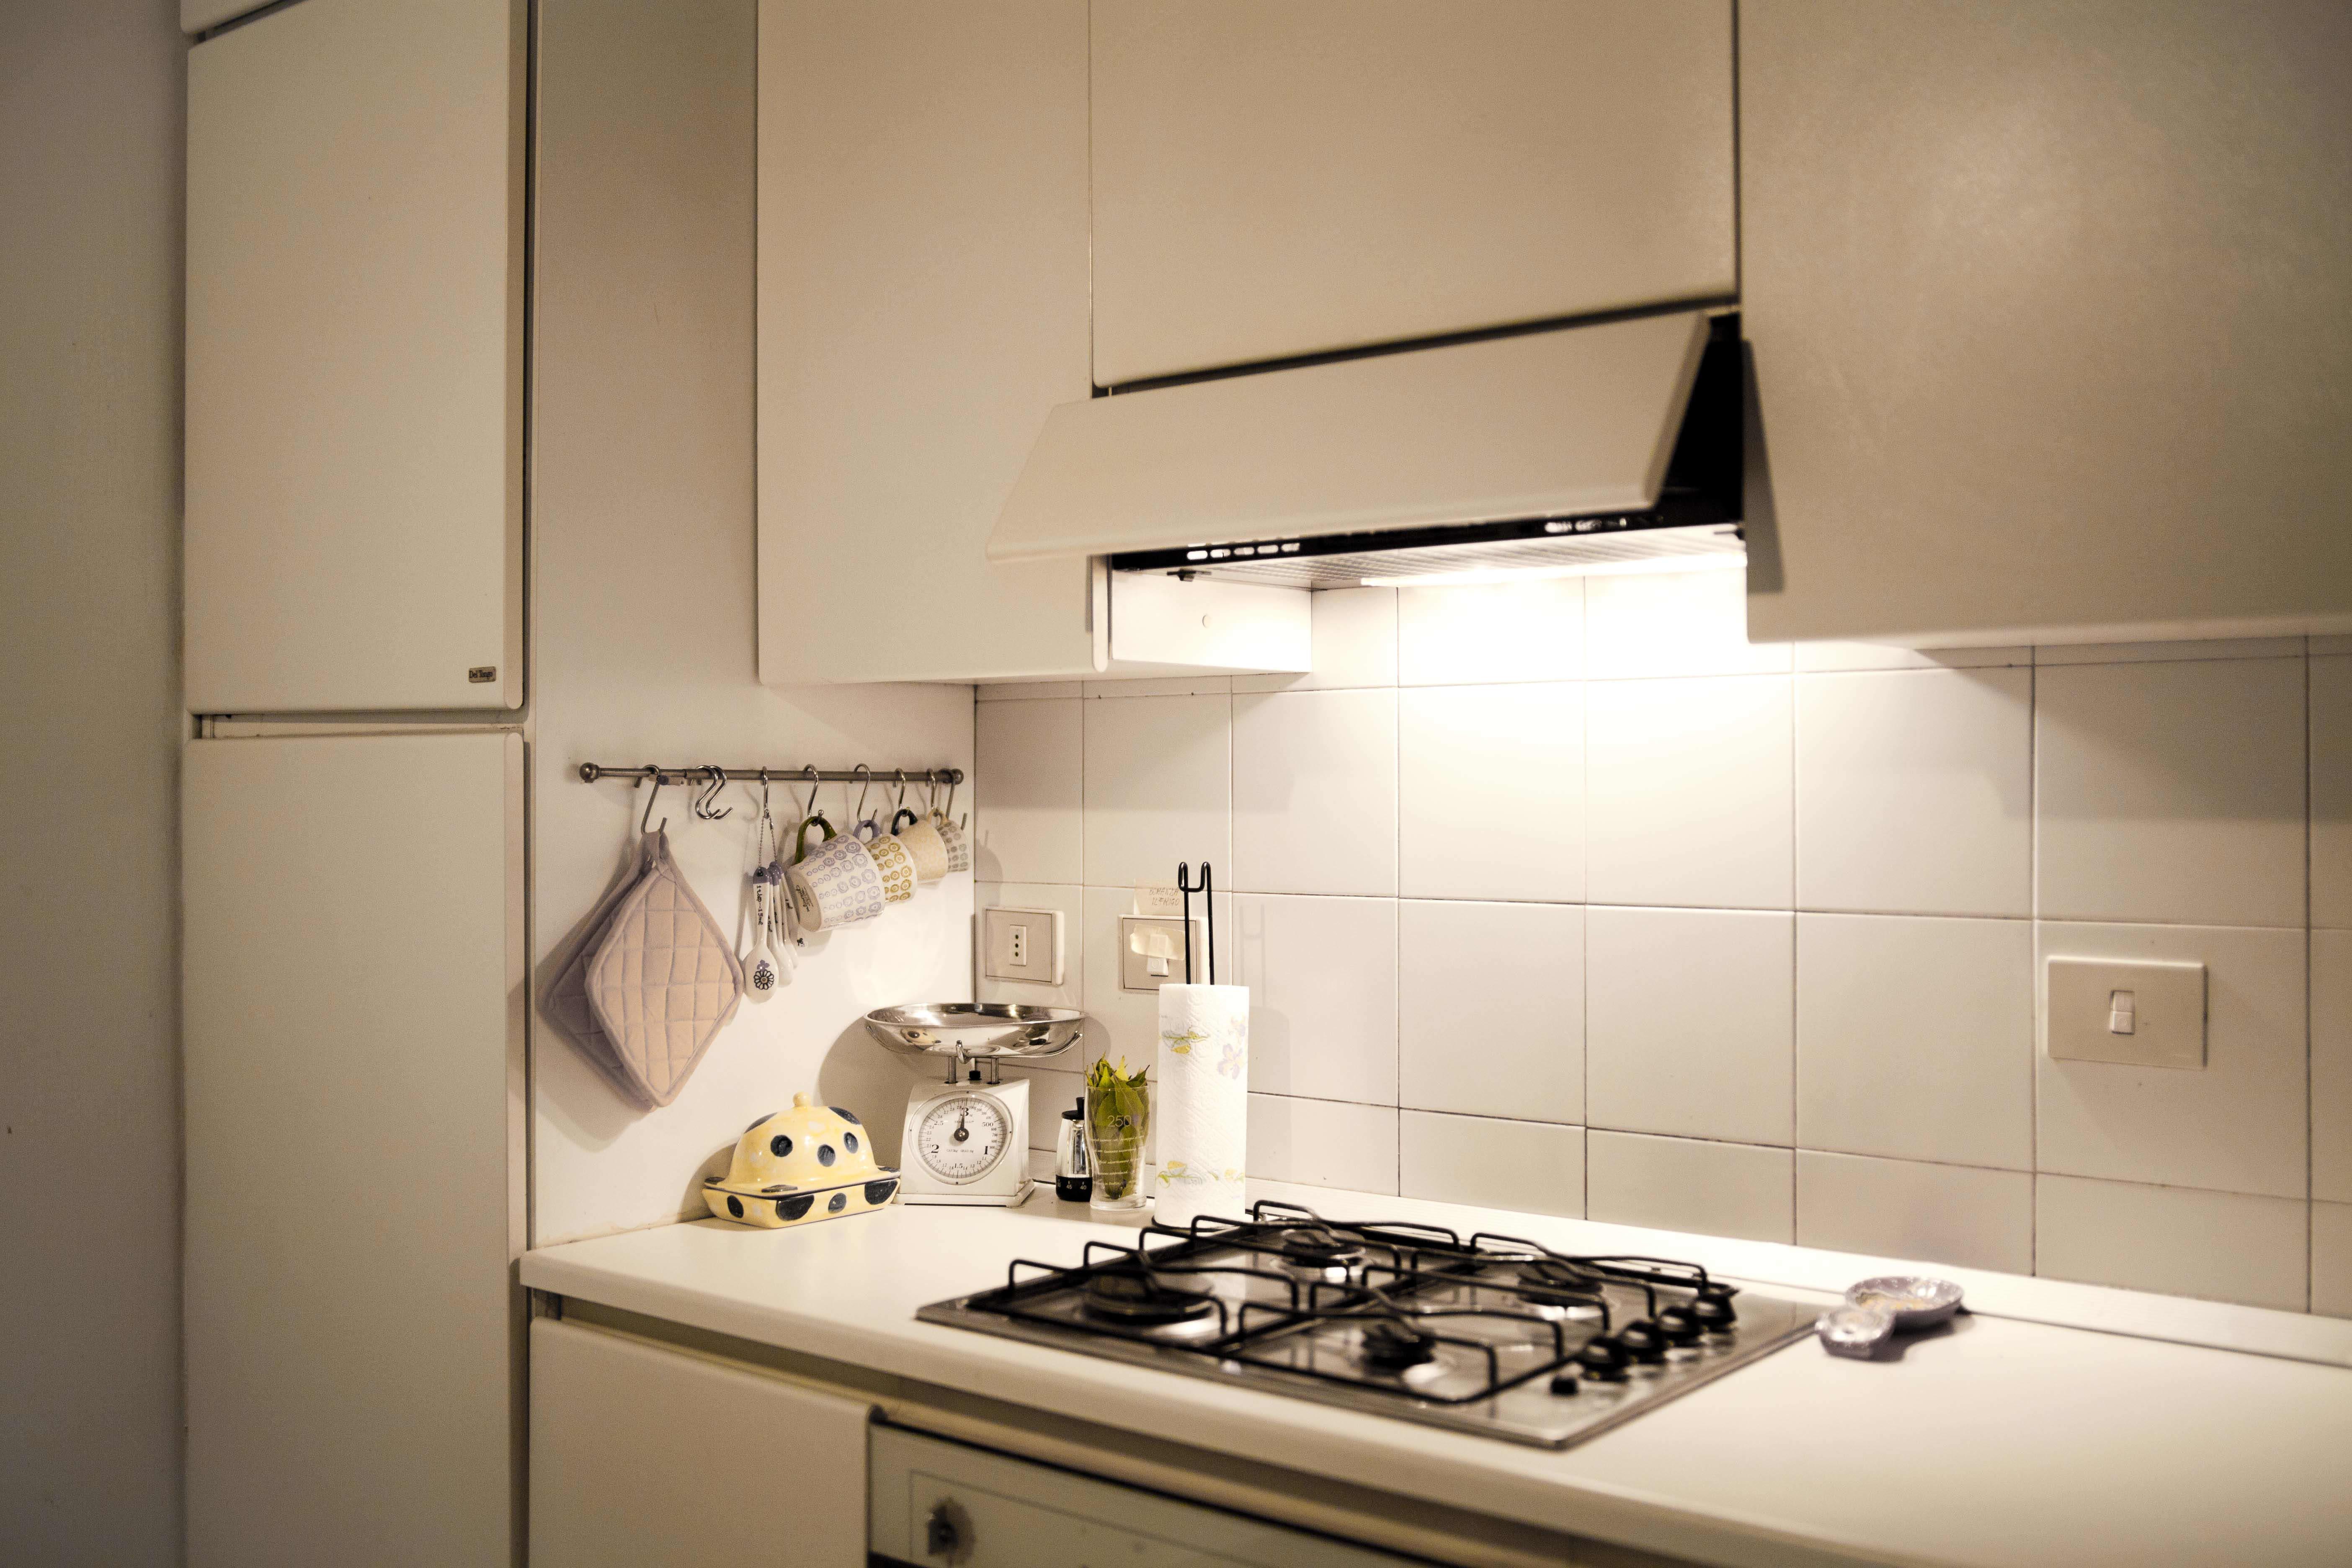 Krista's Sweet Florentine Kitchen: gallery image 5